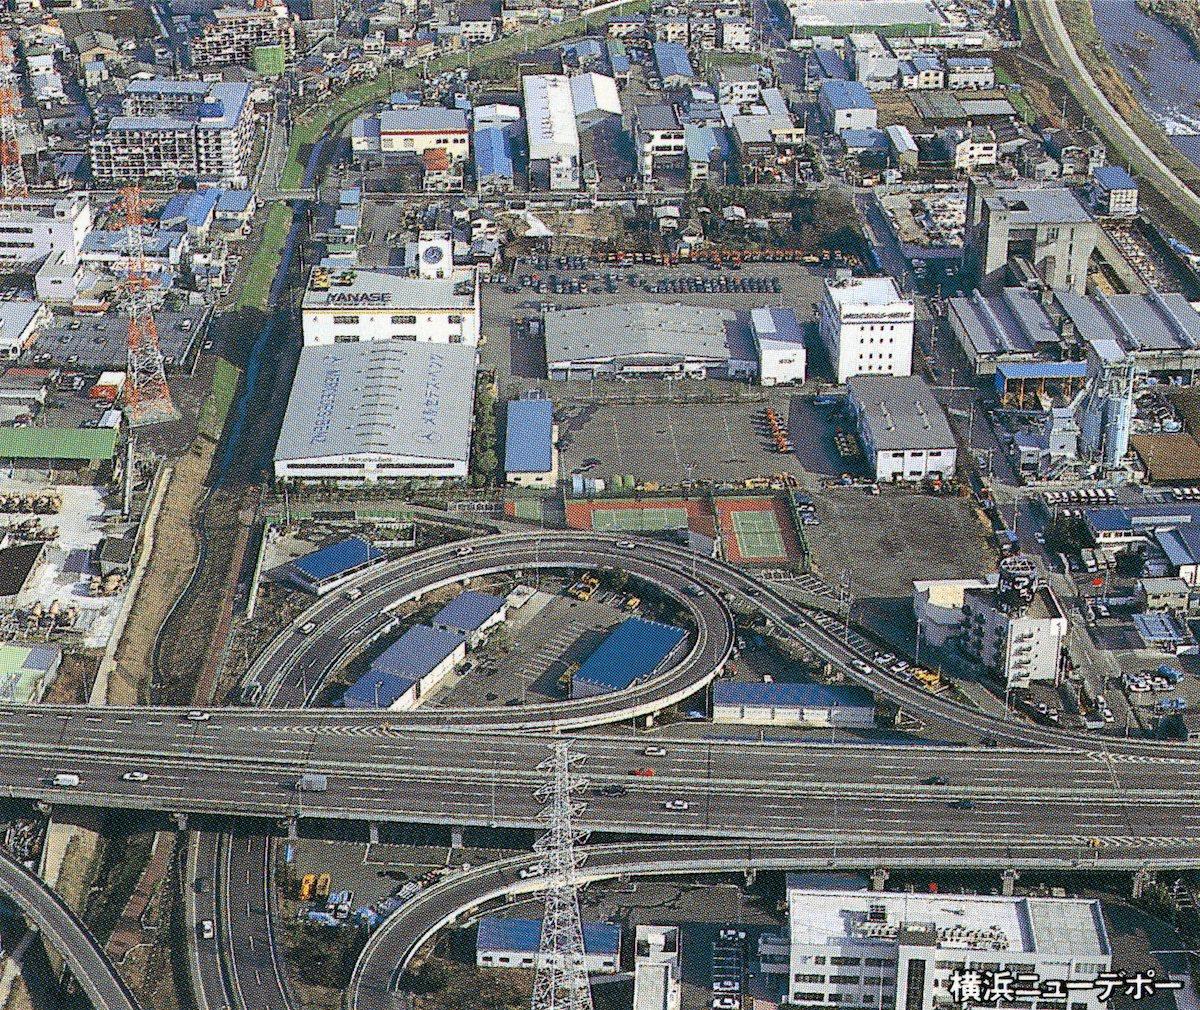 横浜ニューデポー(1992年)